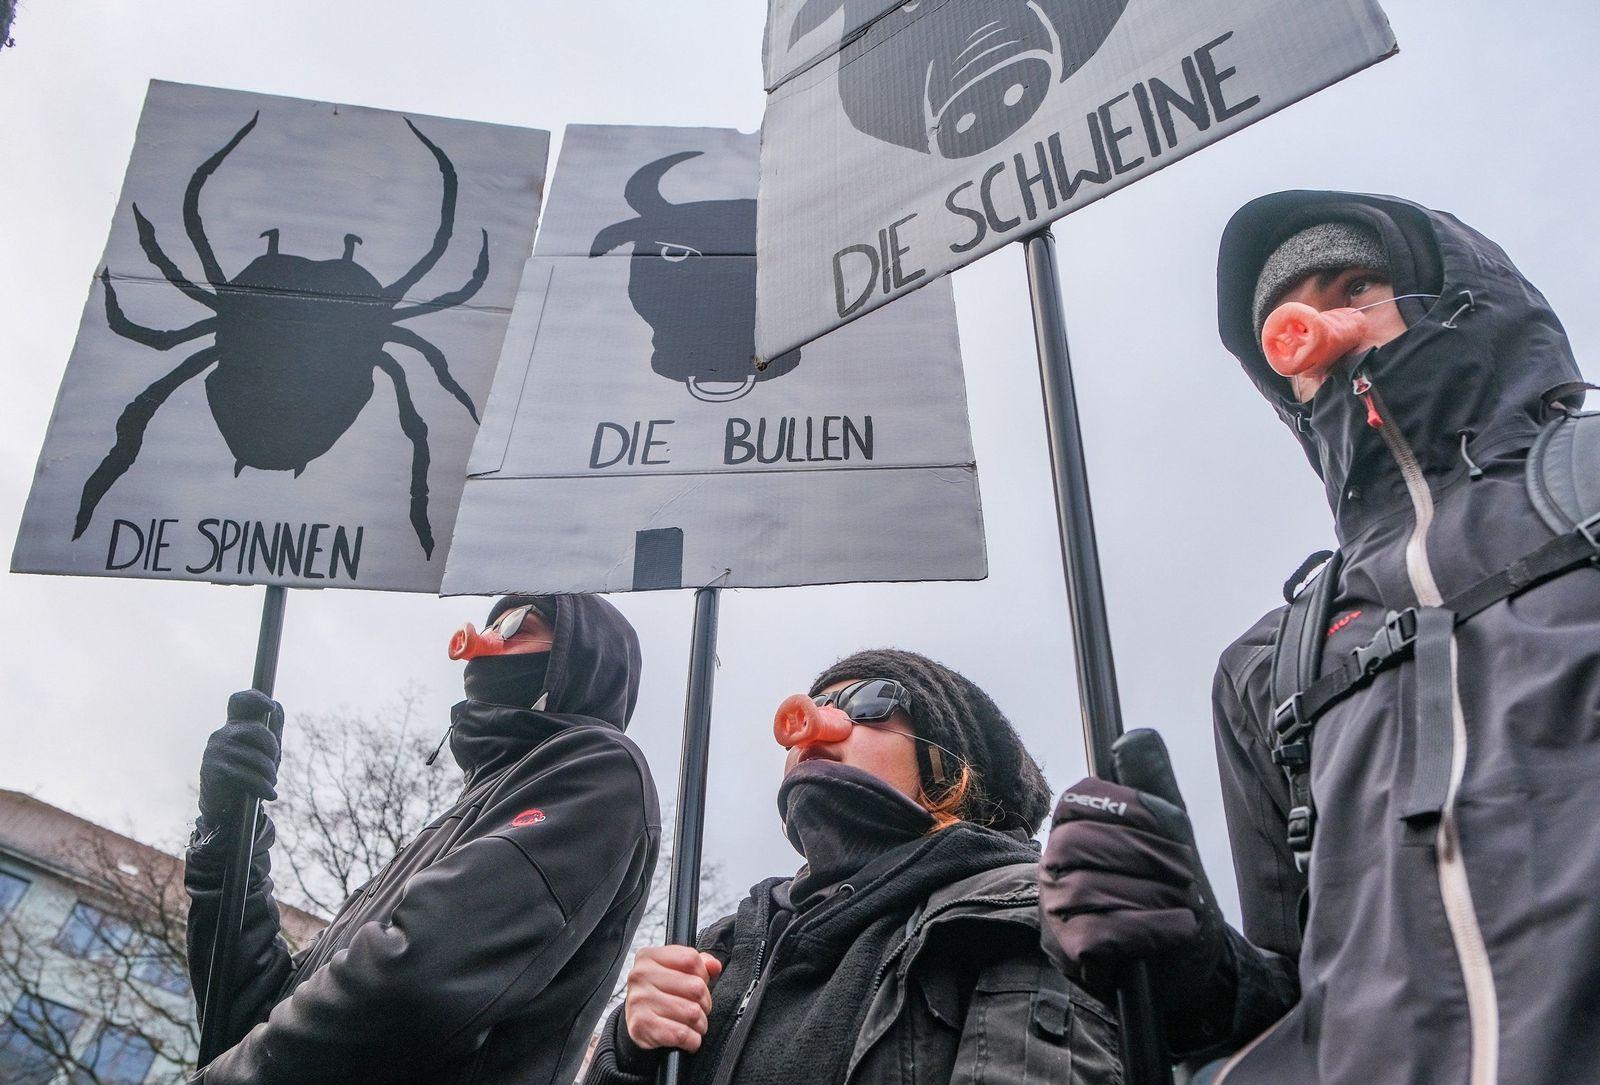 Demo gegen geplantes niedersächsisches Polizeigesetz